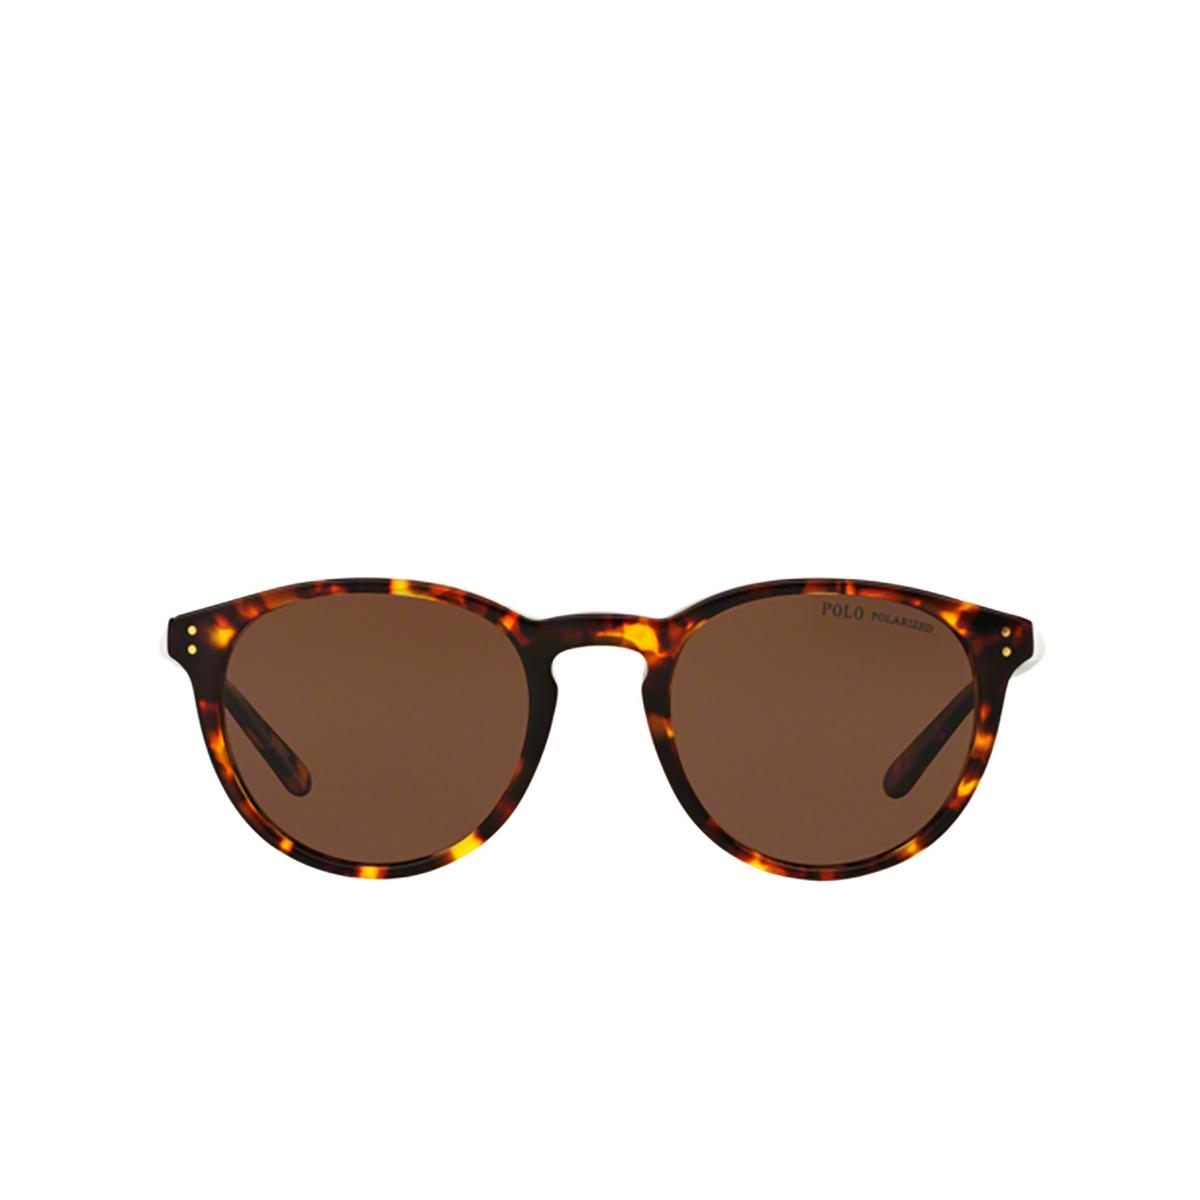 Polo Ralph Lauren® Round Sunglasses: PH4110 color Shiny Antique Havana 513473 - front view.